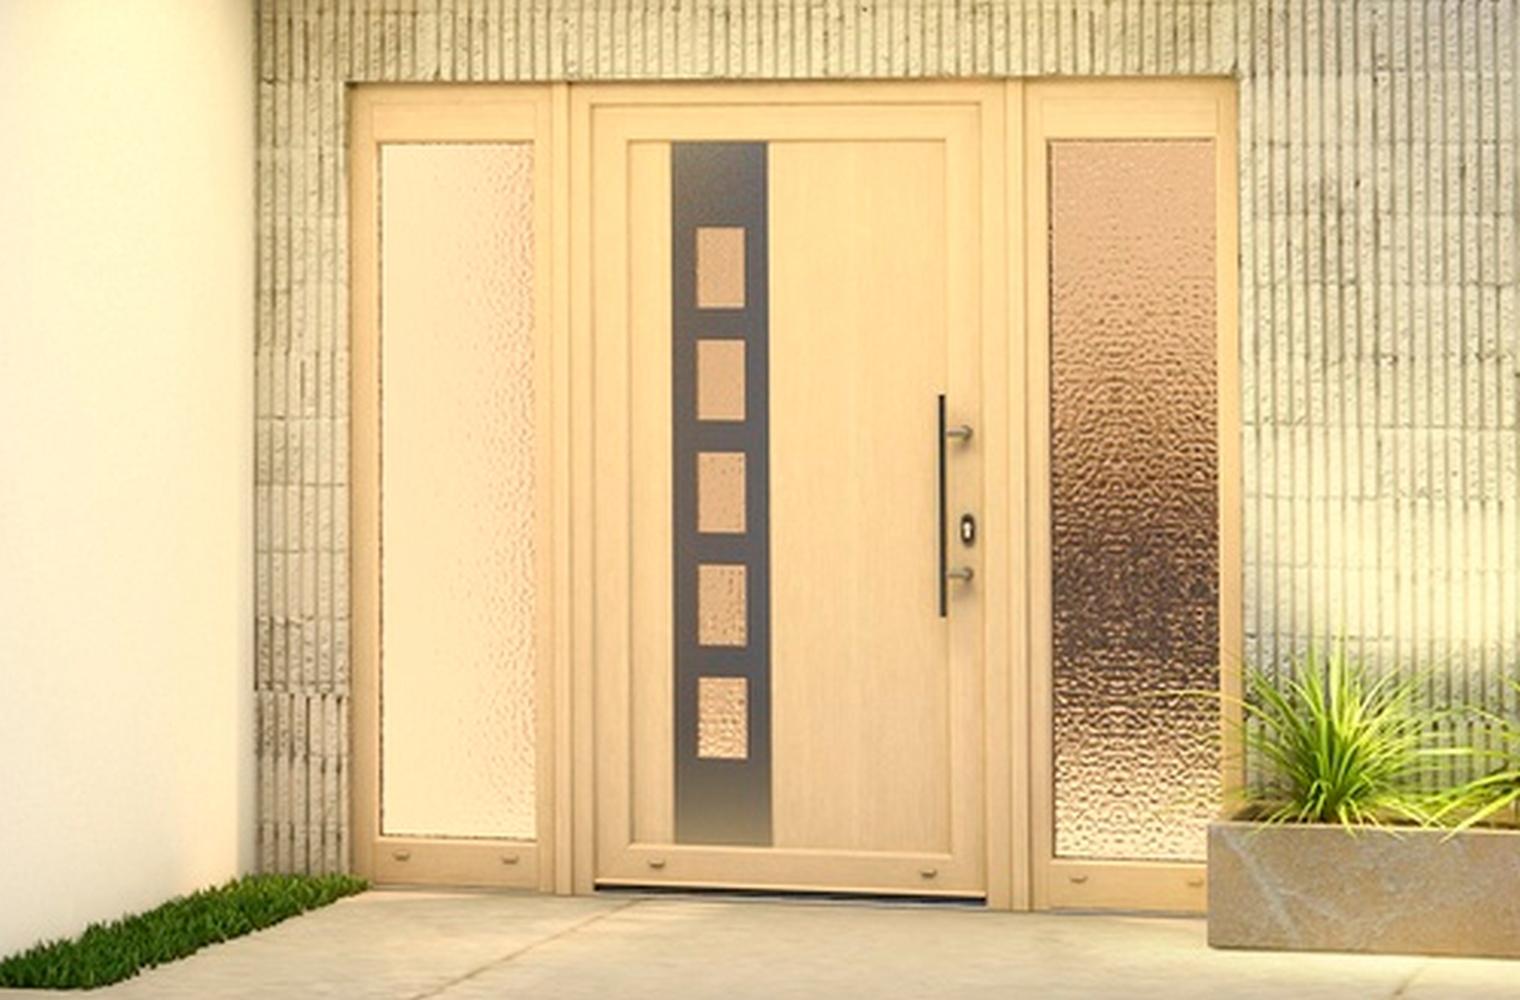 moderne haust ren hochwertiges material in schickem design. Black Bedroom Furniture Sets. Home Design Ideas